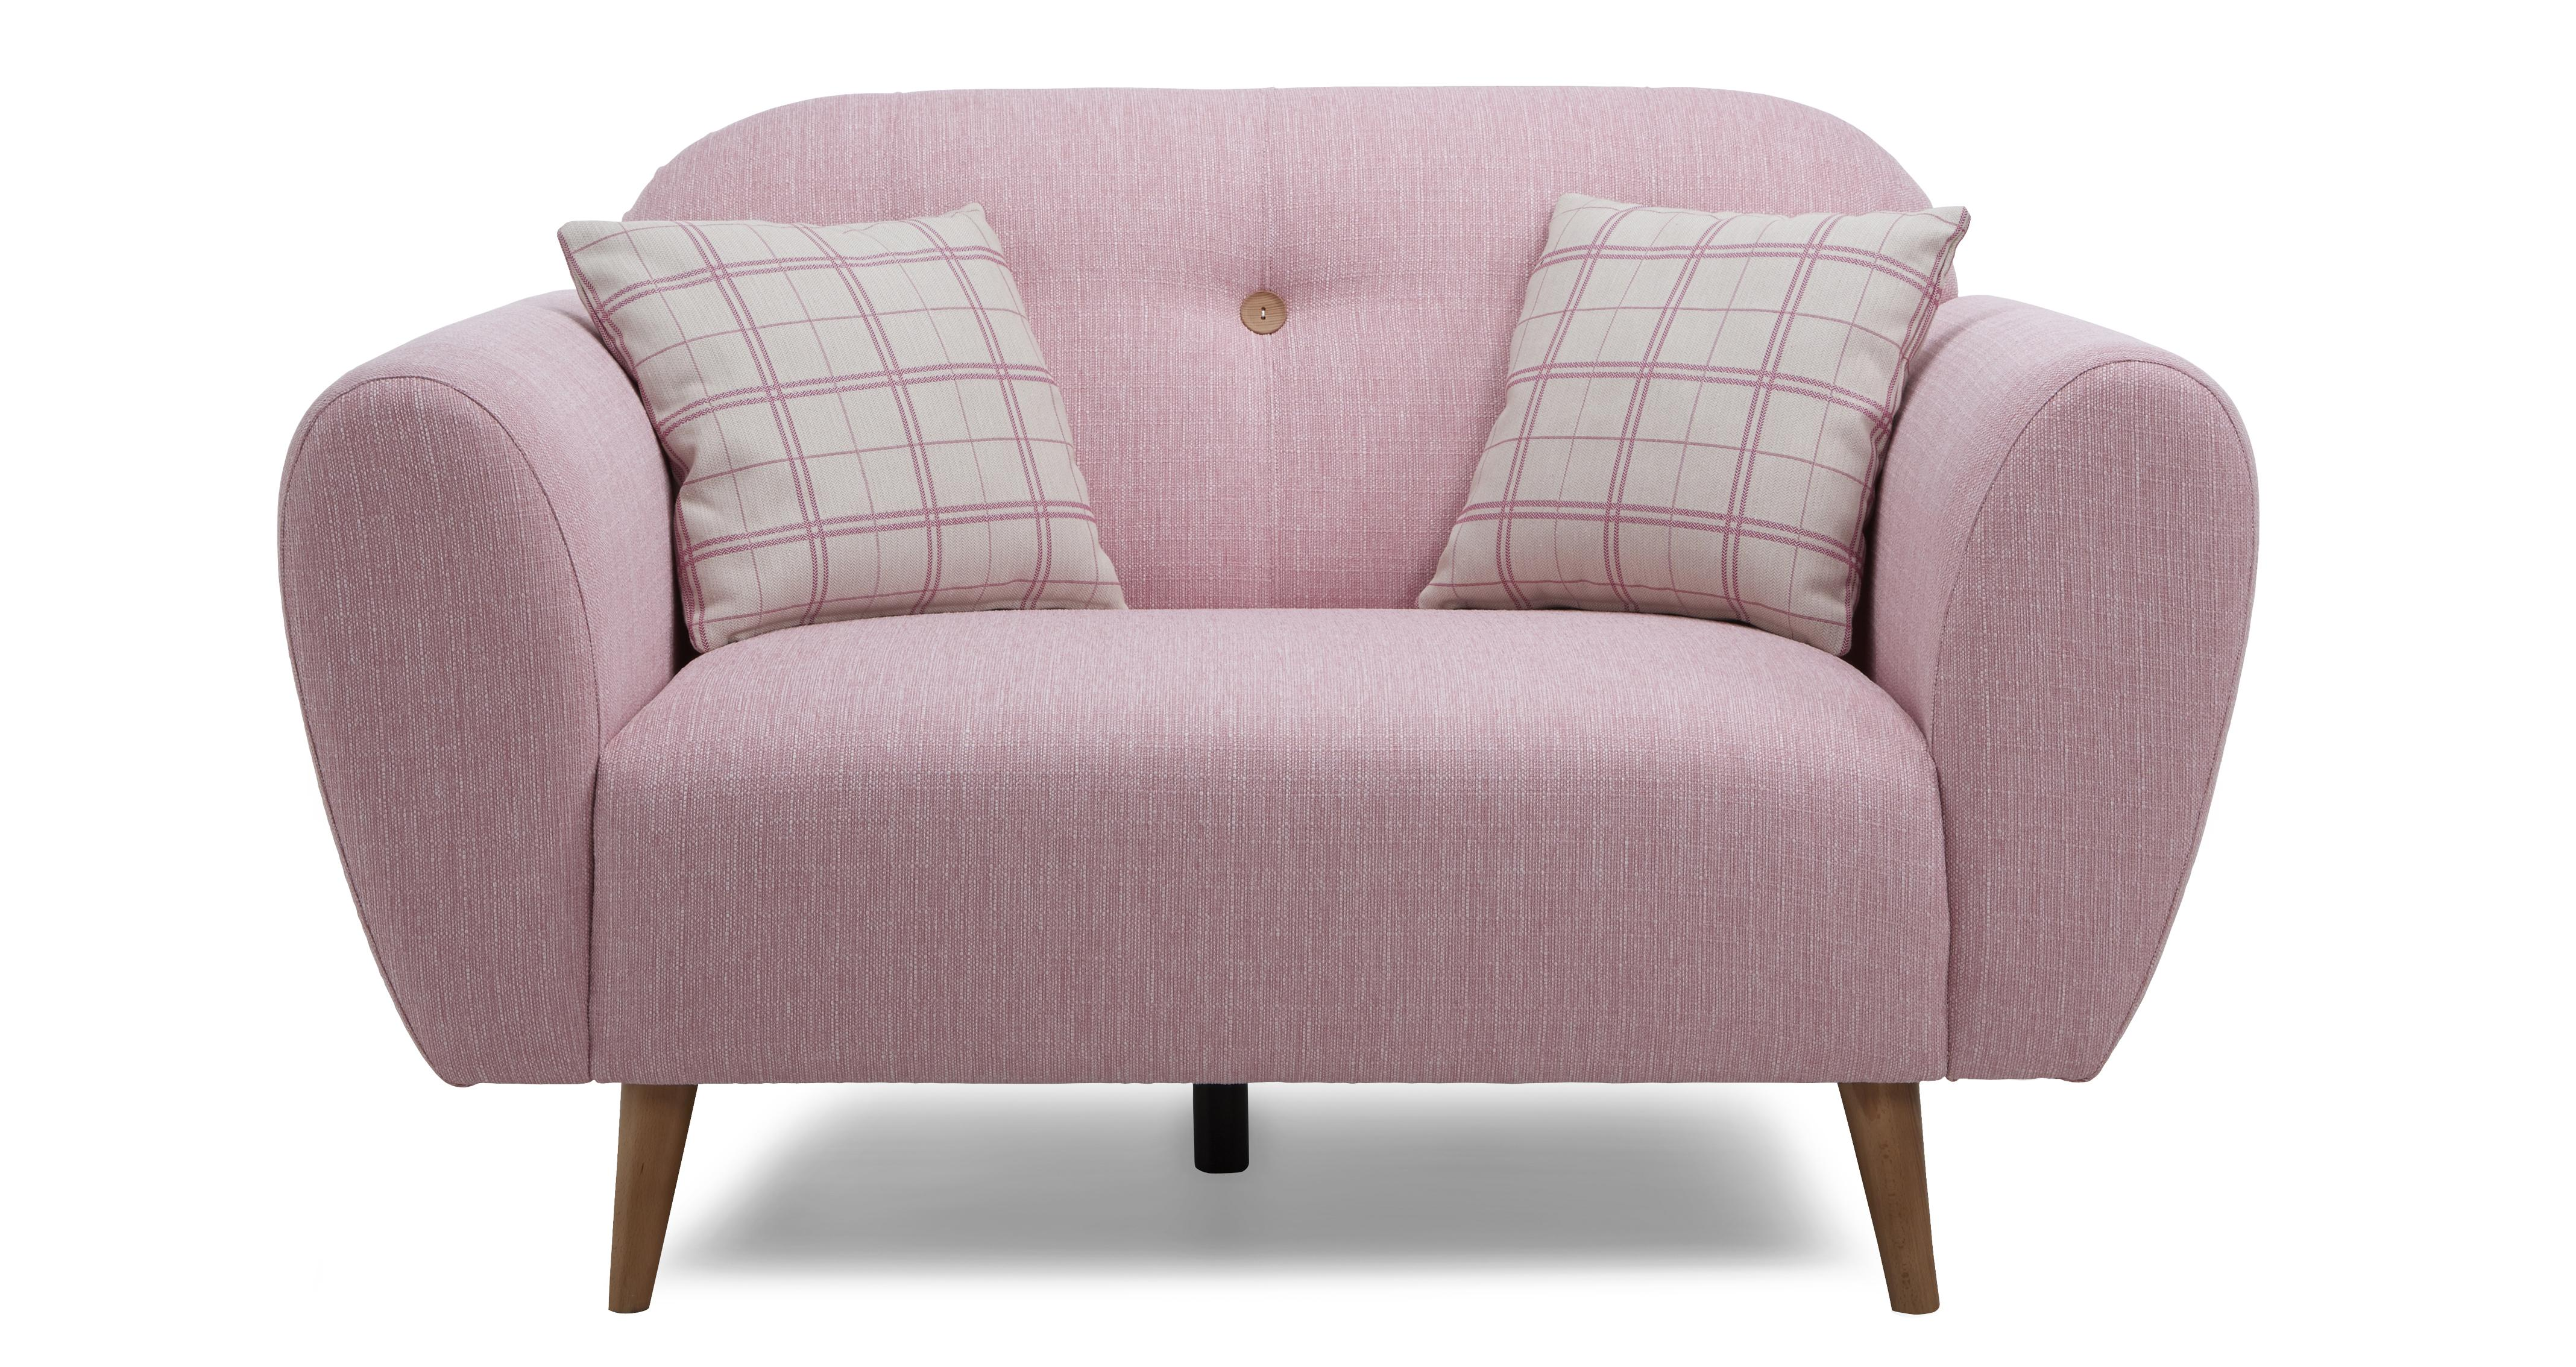 betsy cuddler sofa dfs. Black Bedroom Furniture Sets. Home Design Ideas